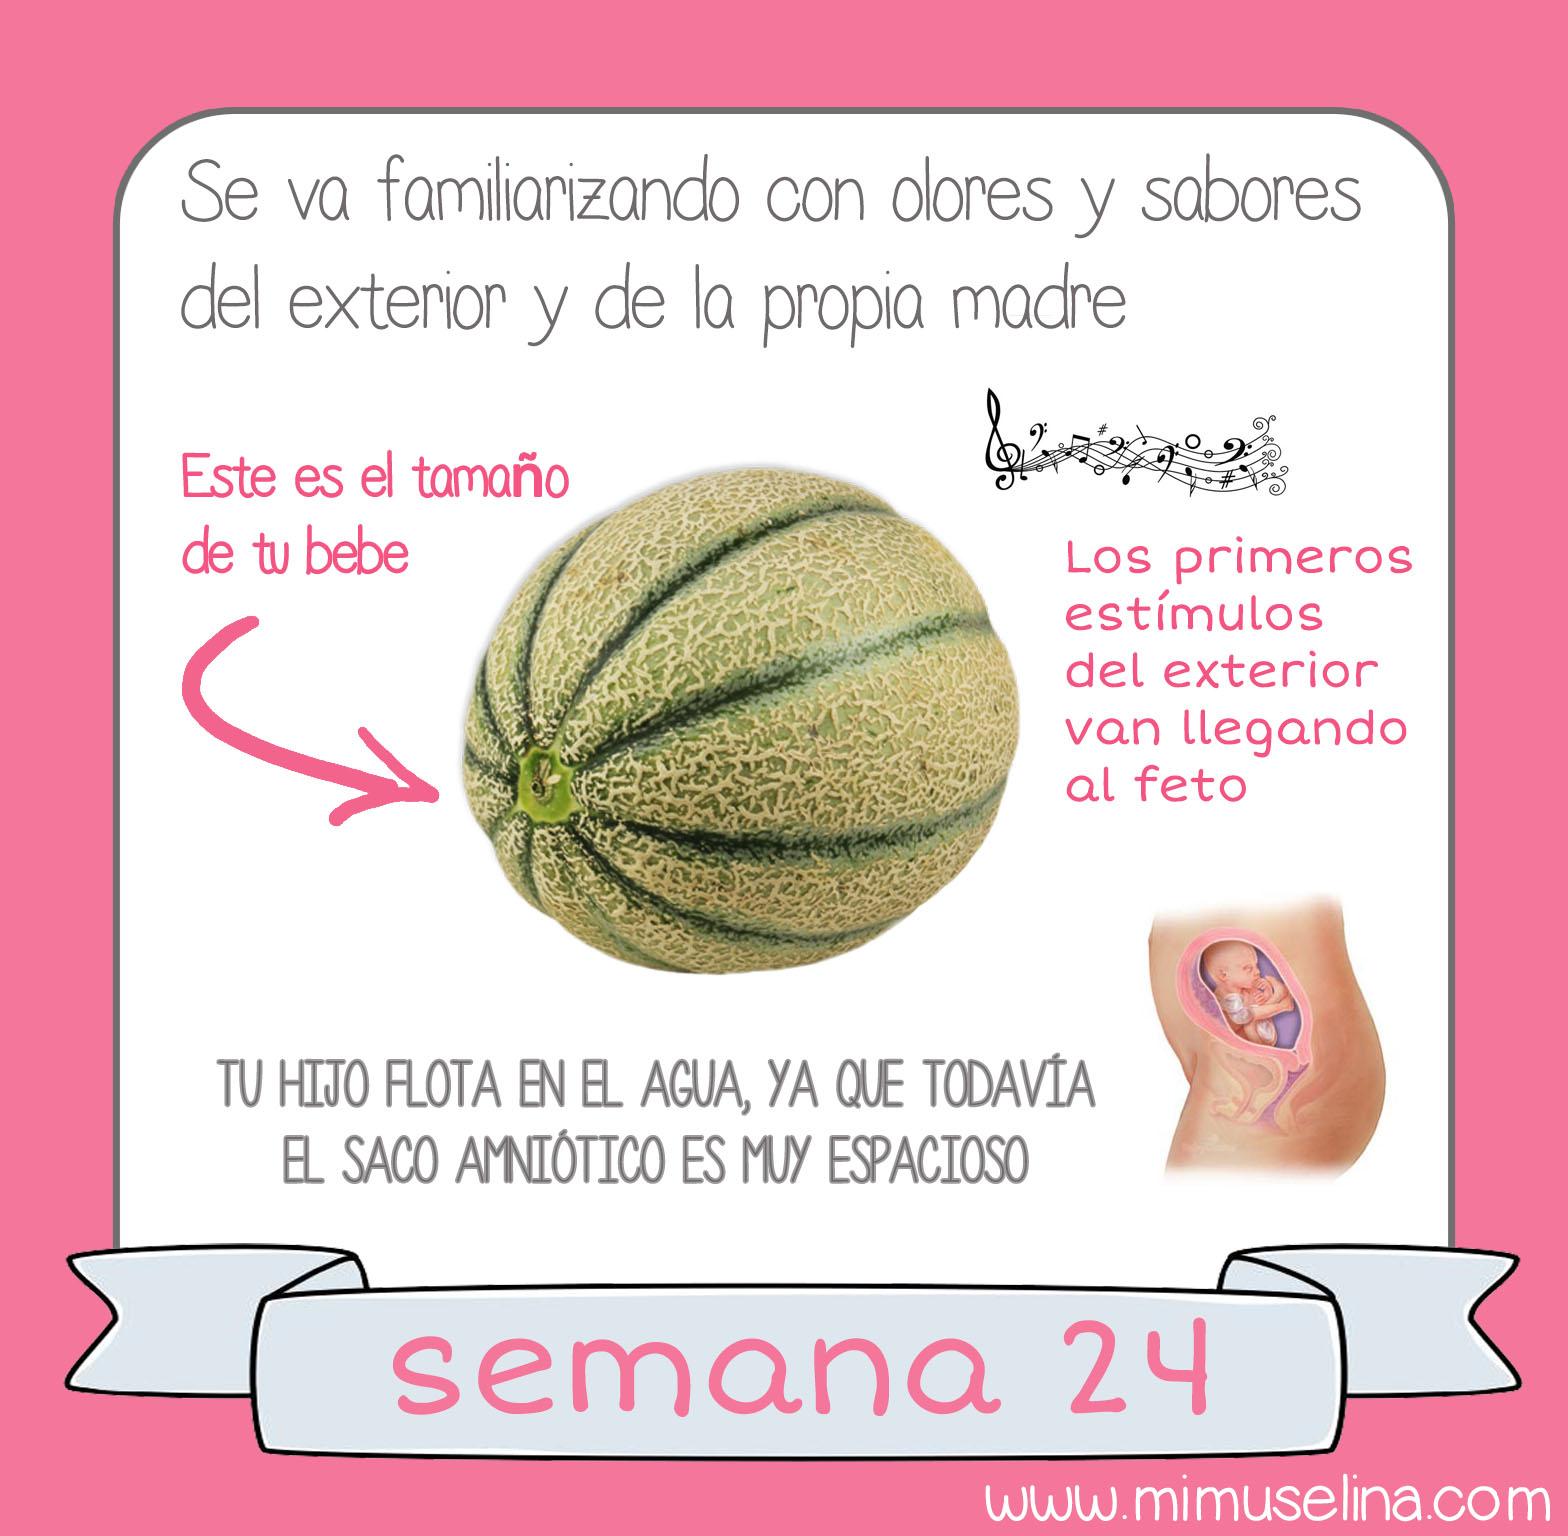 d9b4f3734 BebeBlog by mimuselina  Semana 24 embarazo. Tamaño y evolución del ...